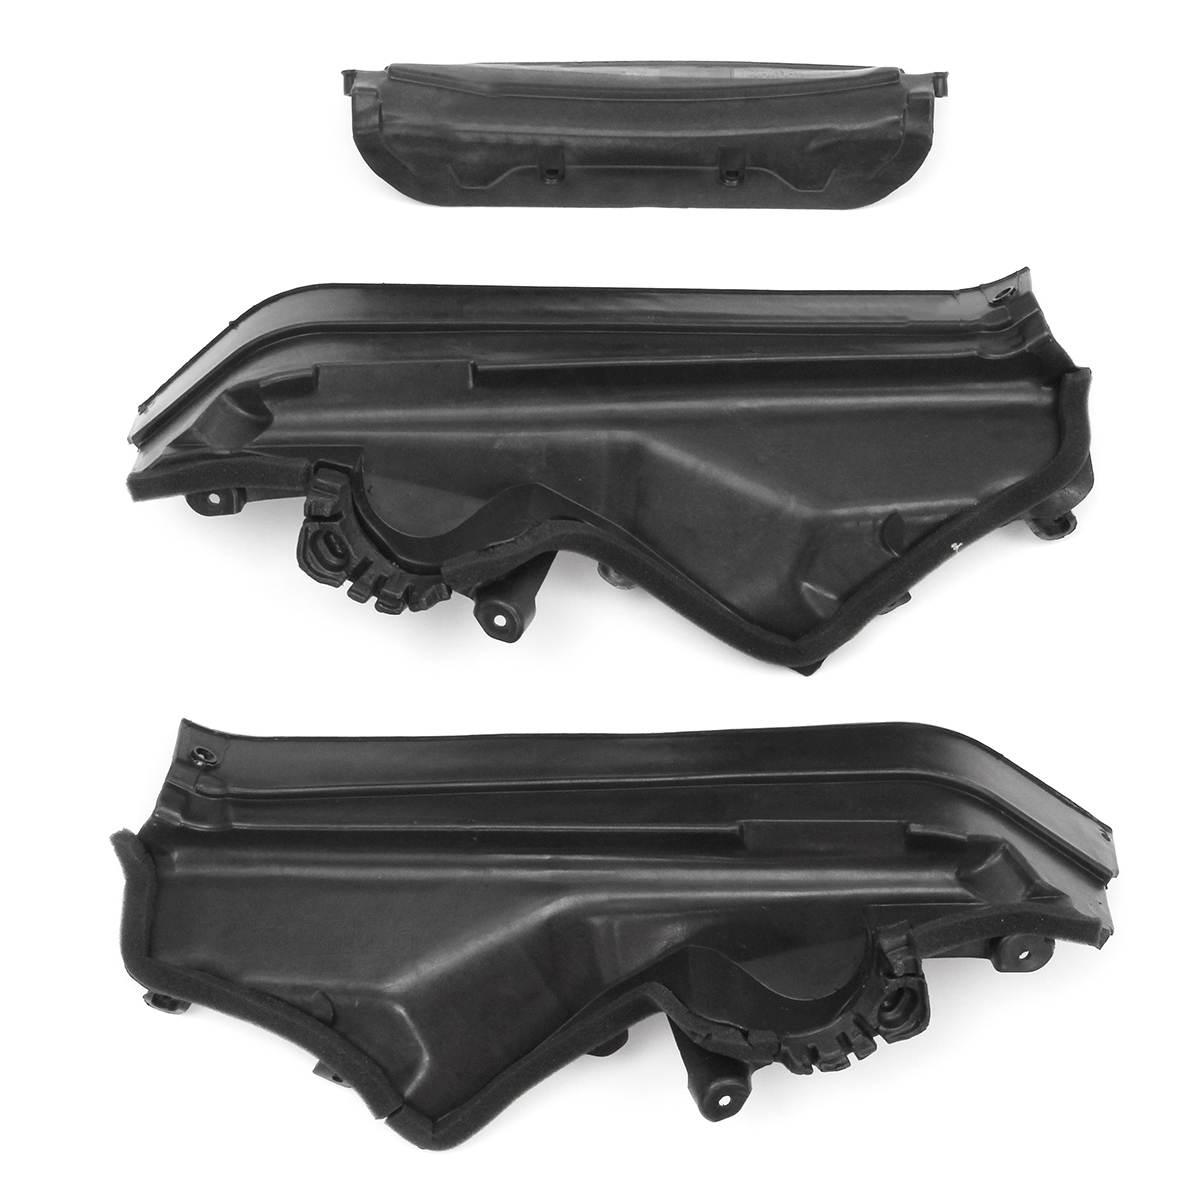 Painel da Divisória 3 peças Do Motor Do Carro de alta Qualidade Compartimento Superior Definido Para BMW X5 X6 E70 E71 E72 51717169419 51717169420 51717169421